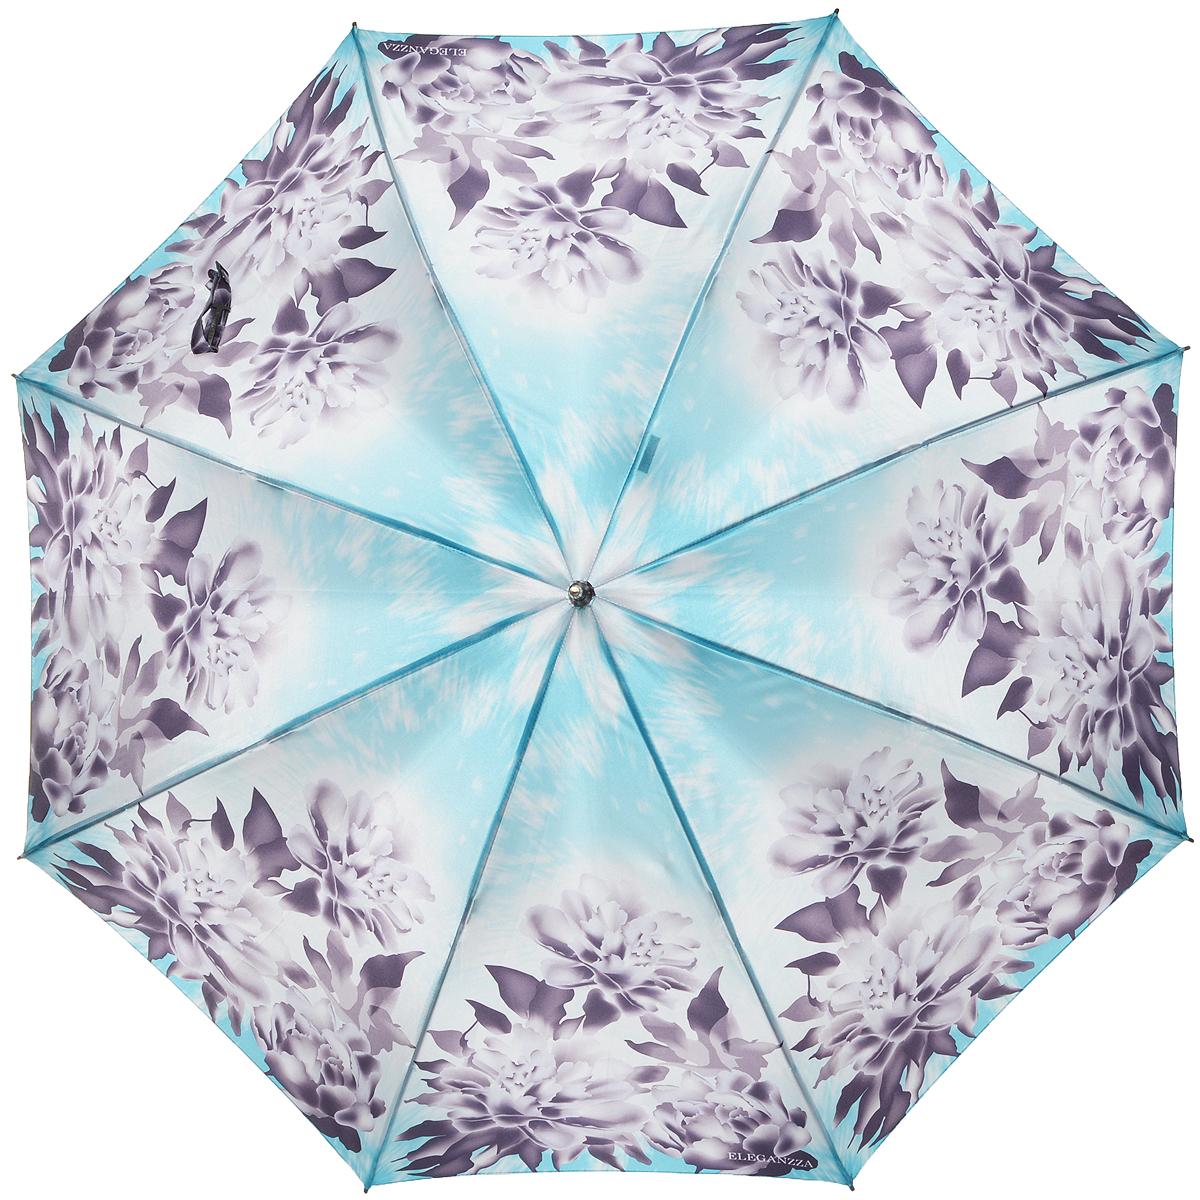 Зонт-трость женский Eleganzza, механика, цвет: голубой, тауп. T-06-0237